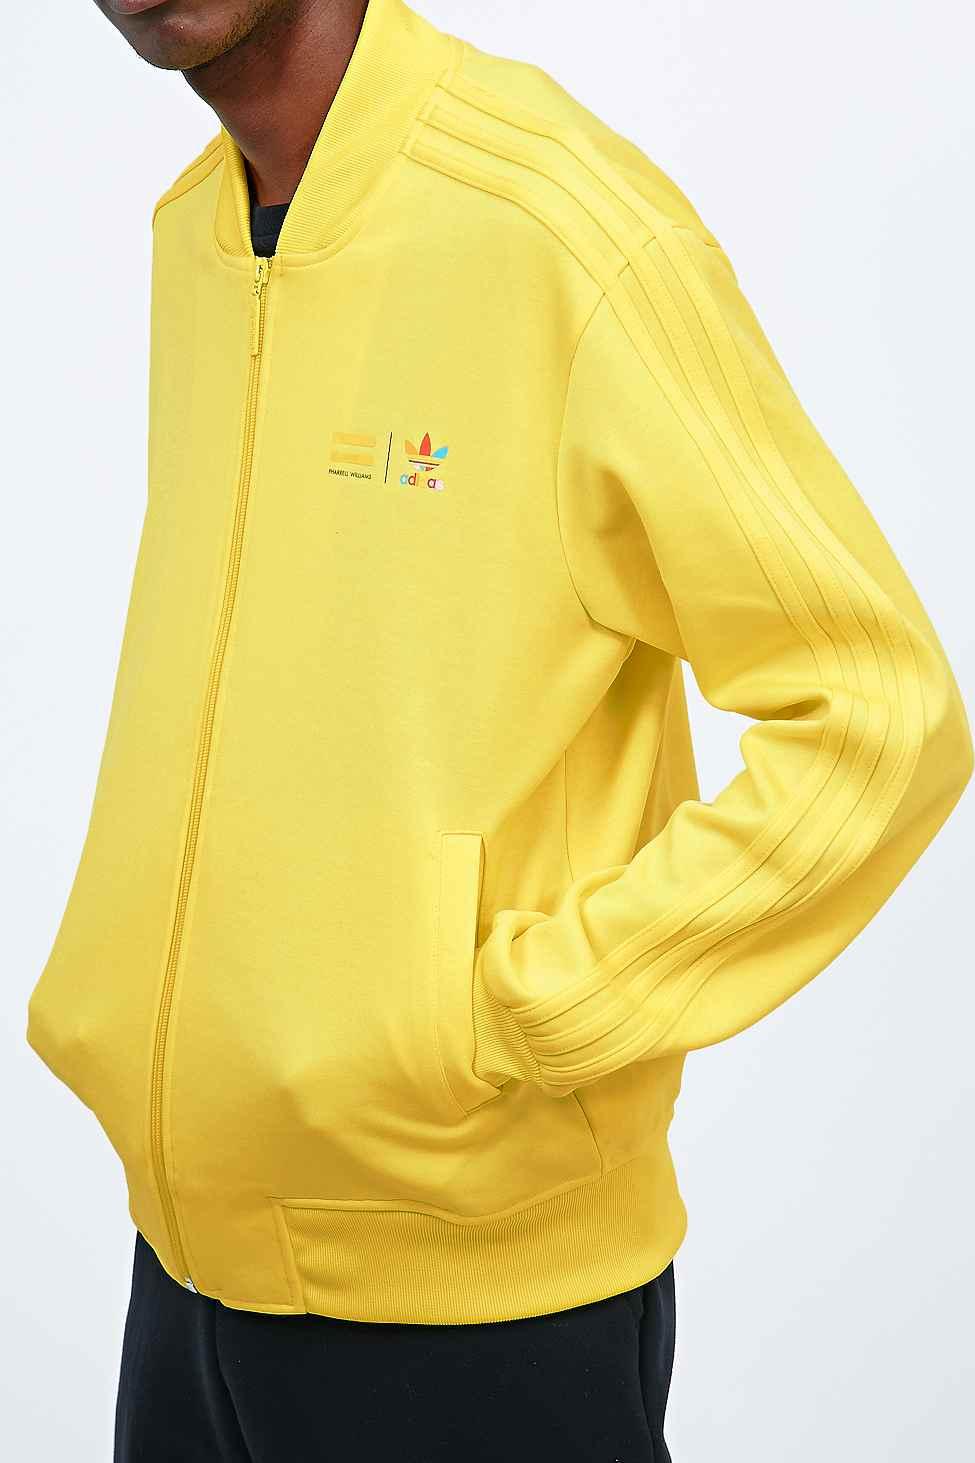 Adidas X Pharrell Supercolor Traccia Giacca Gialla In Giallo Per